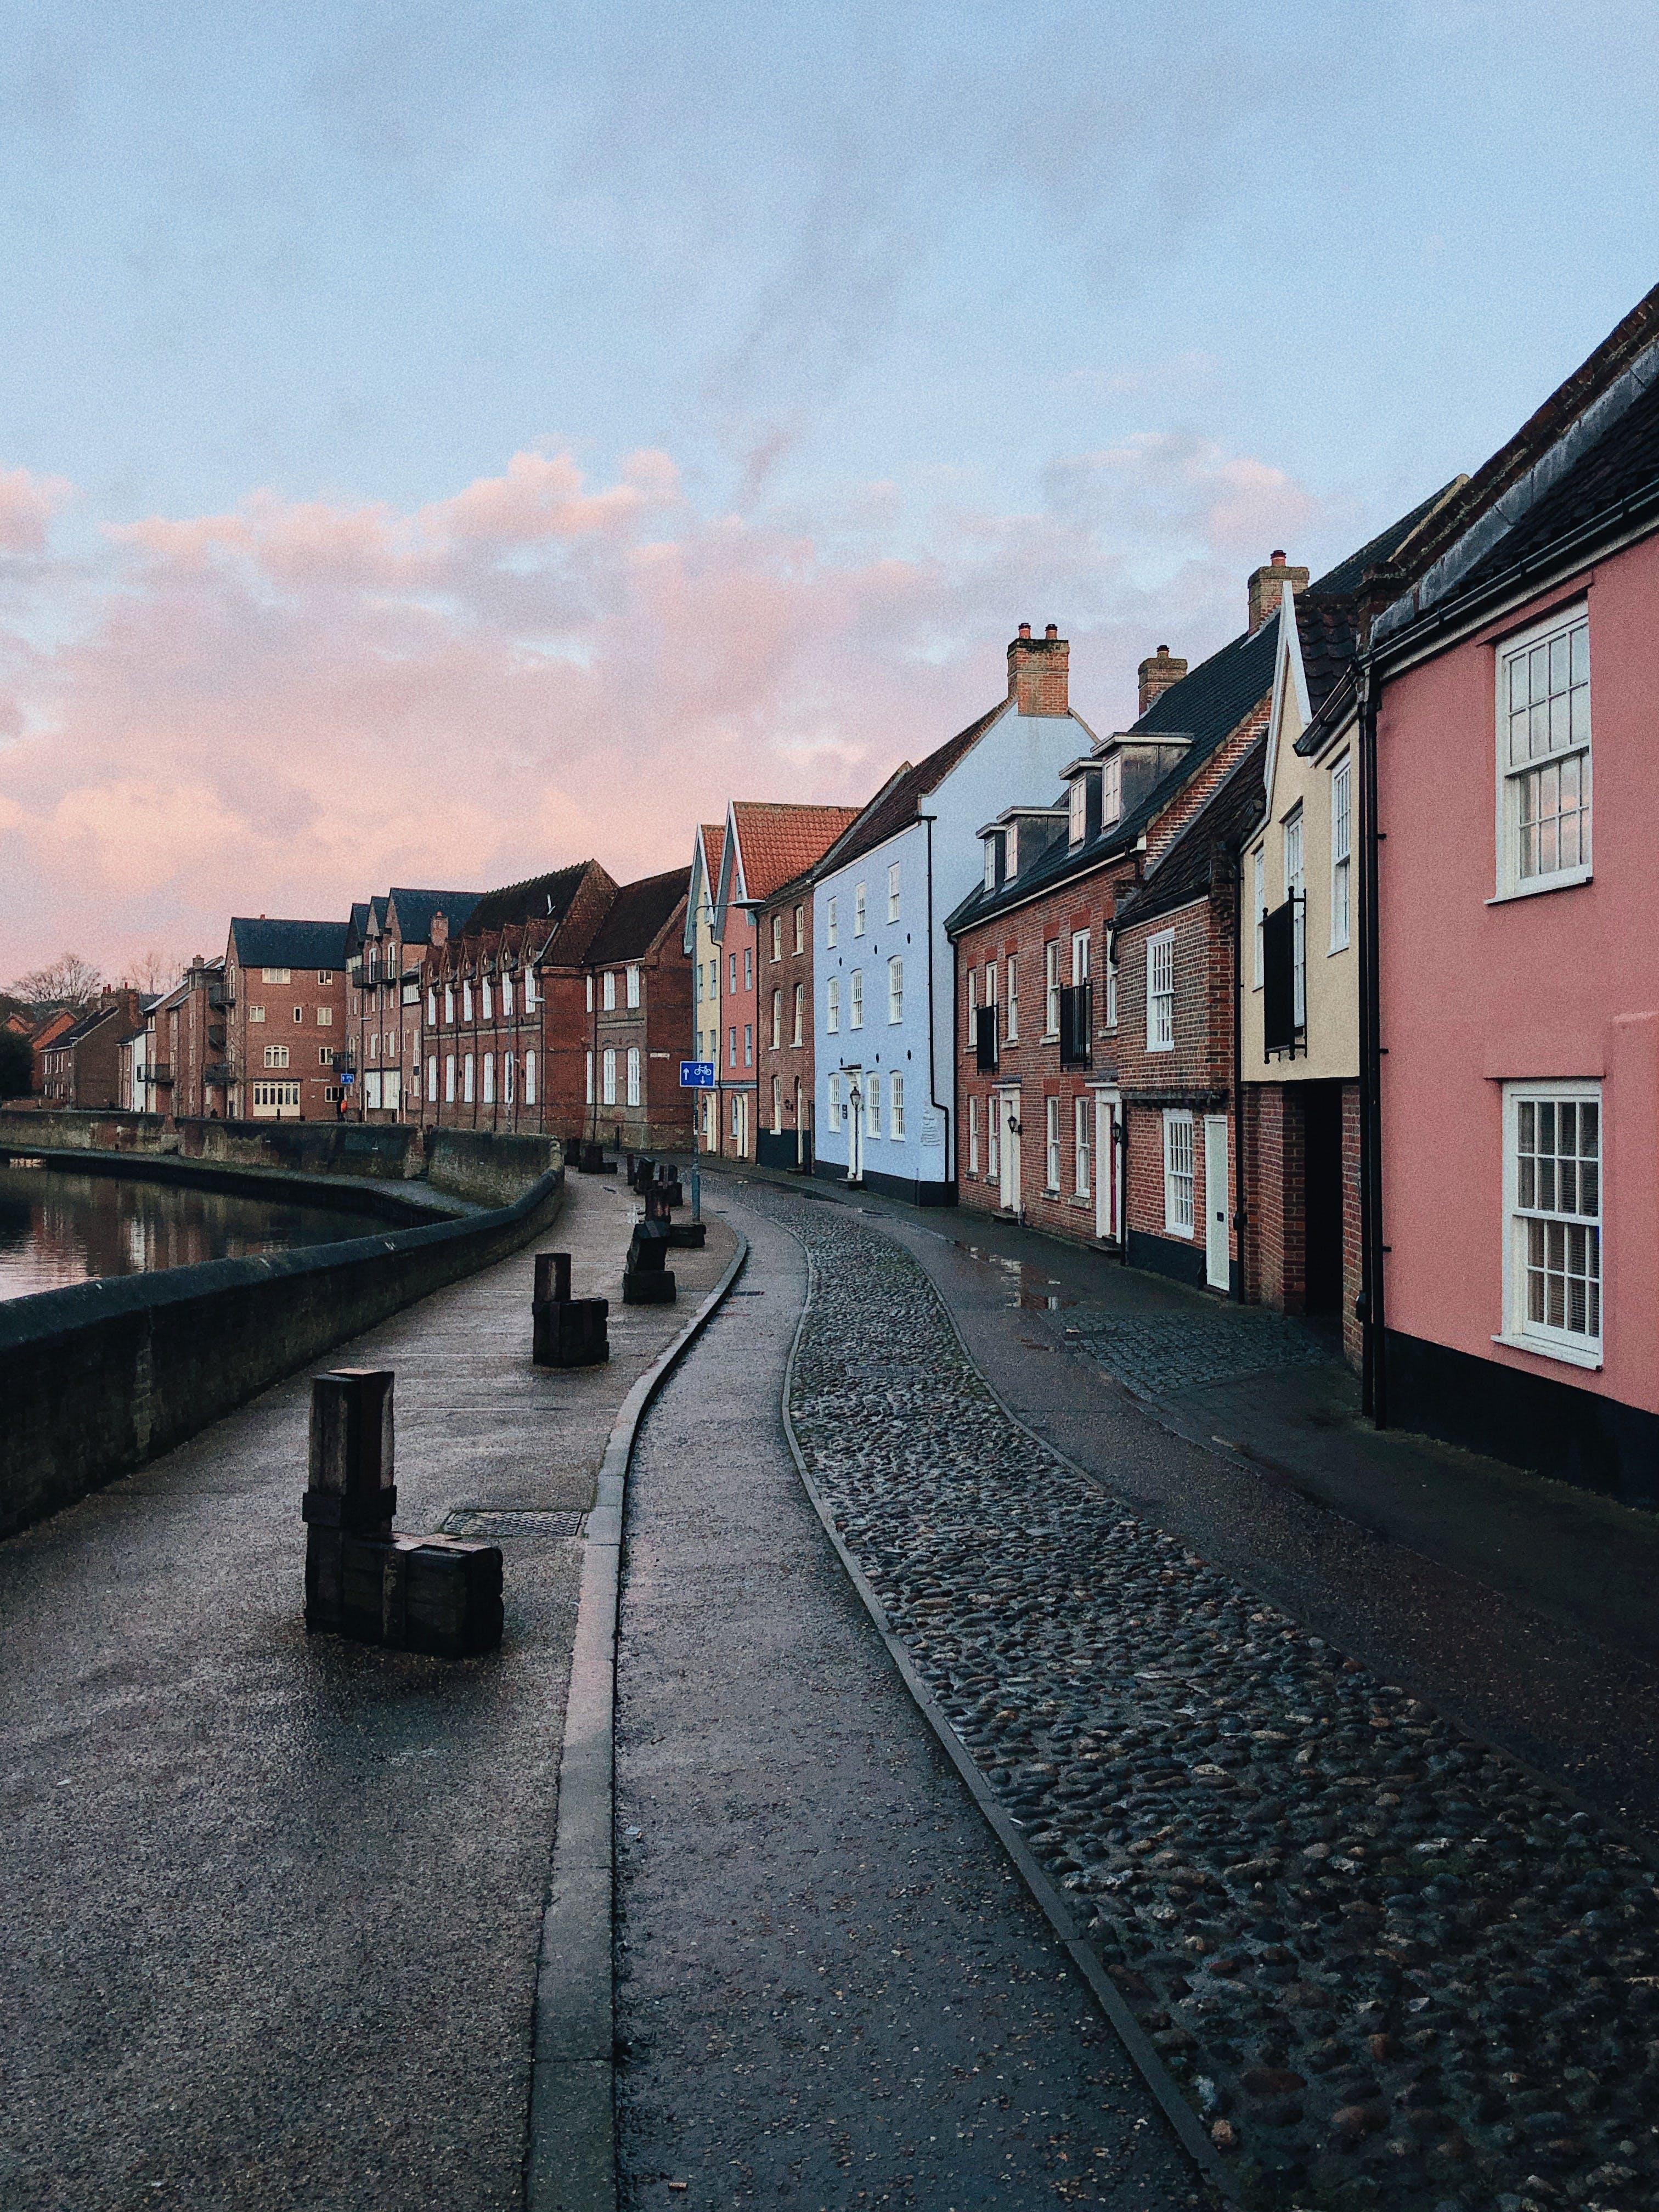 城市, 城鎮, 外觀, 天空 的 免費圖庫相片